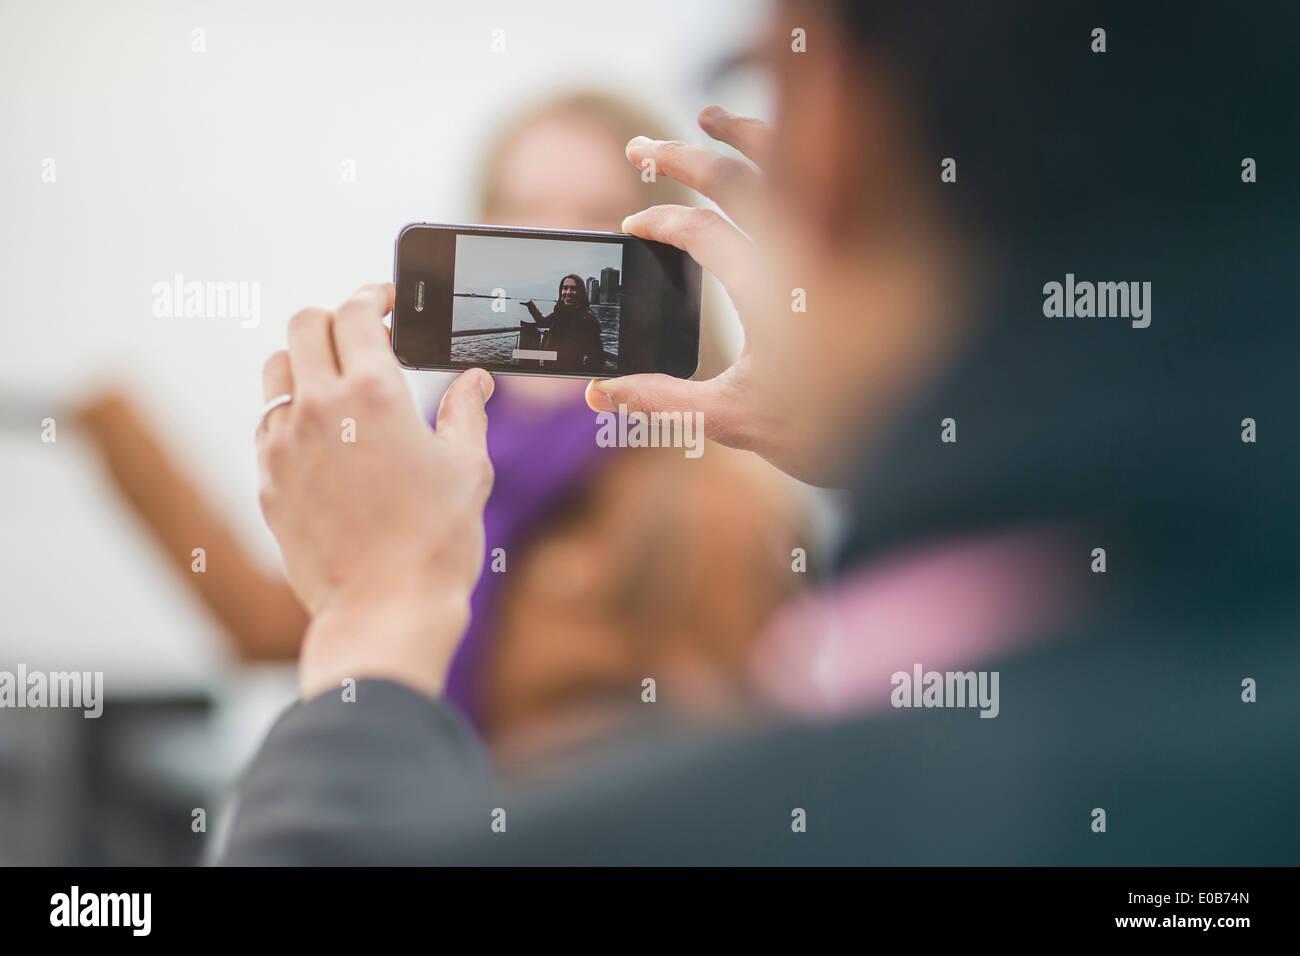 Nahaufnahme eines jungen Mannes Freundin auf Kamera-Handy zu fotografieren Stockbild